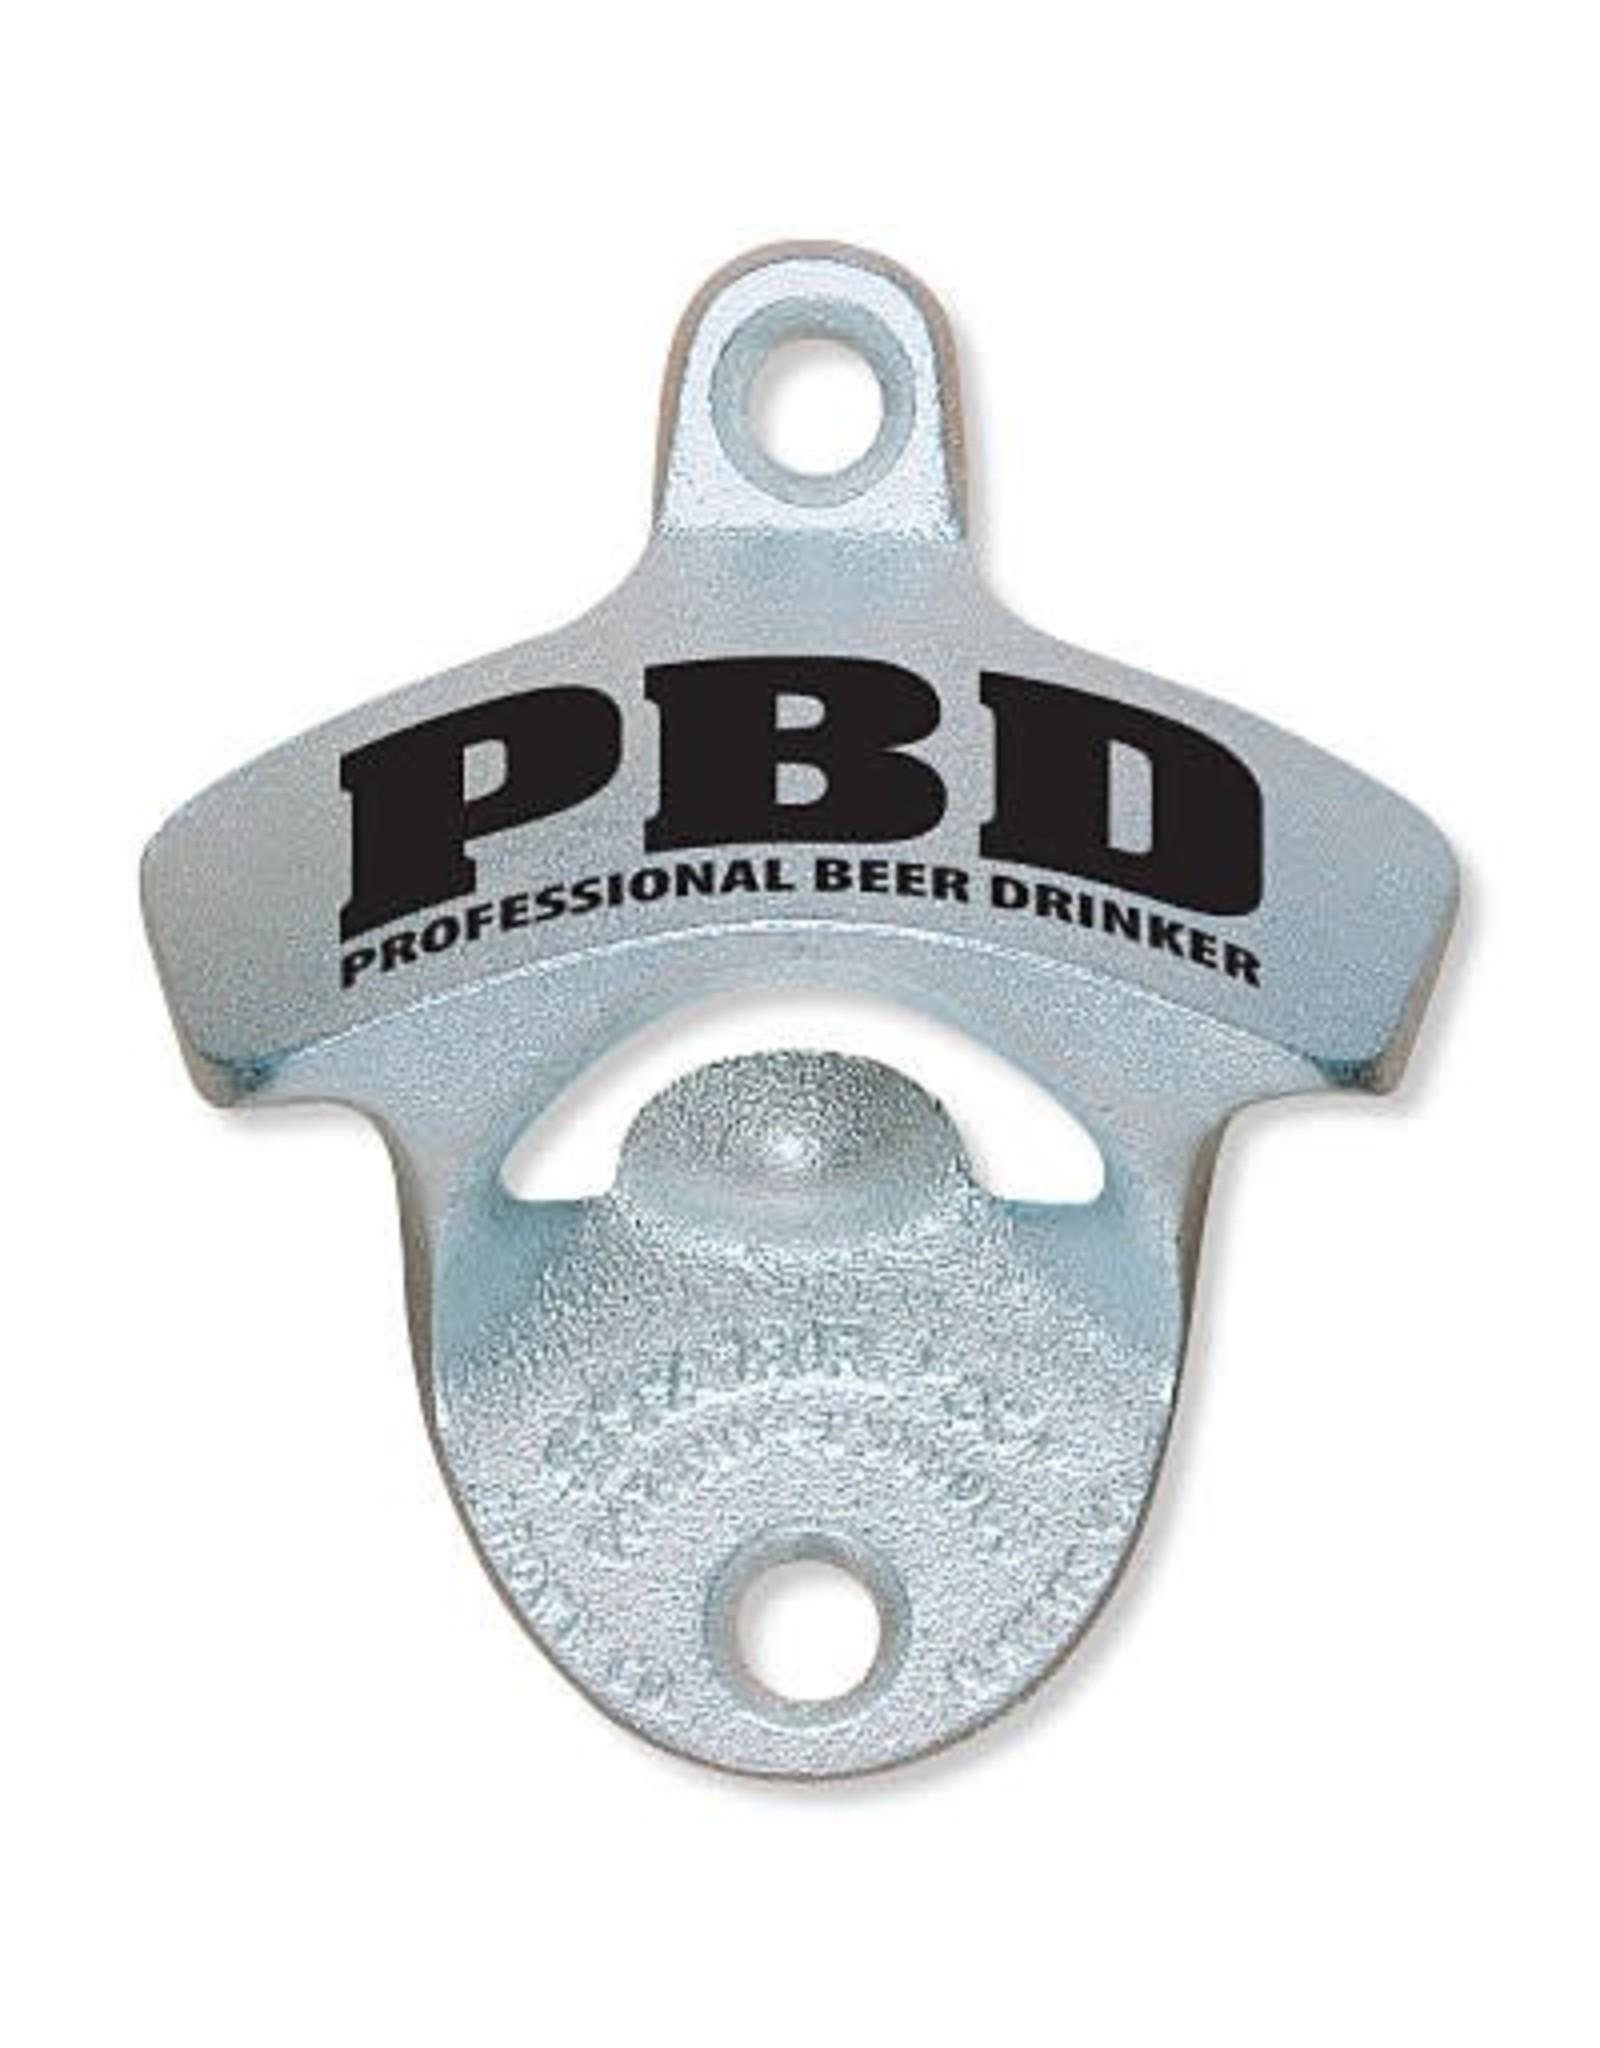 BOTTLE OPENER - PBD